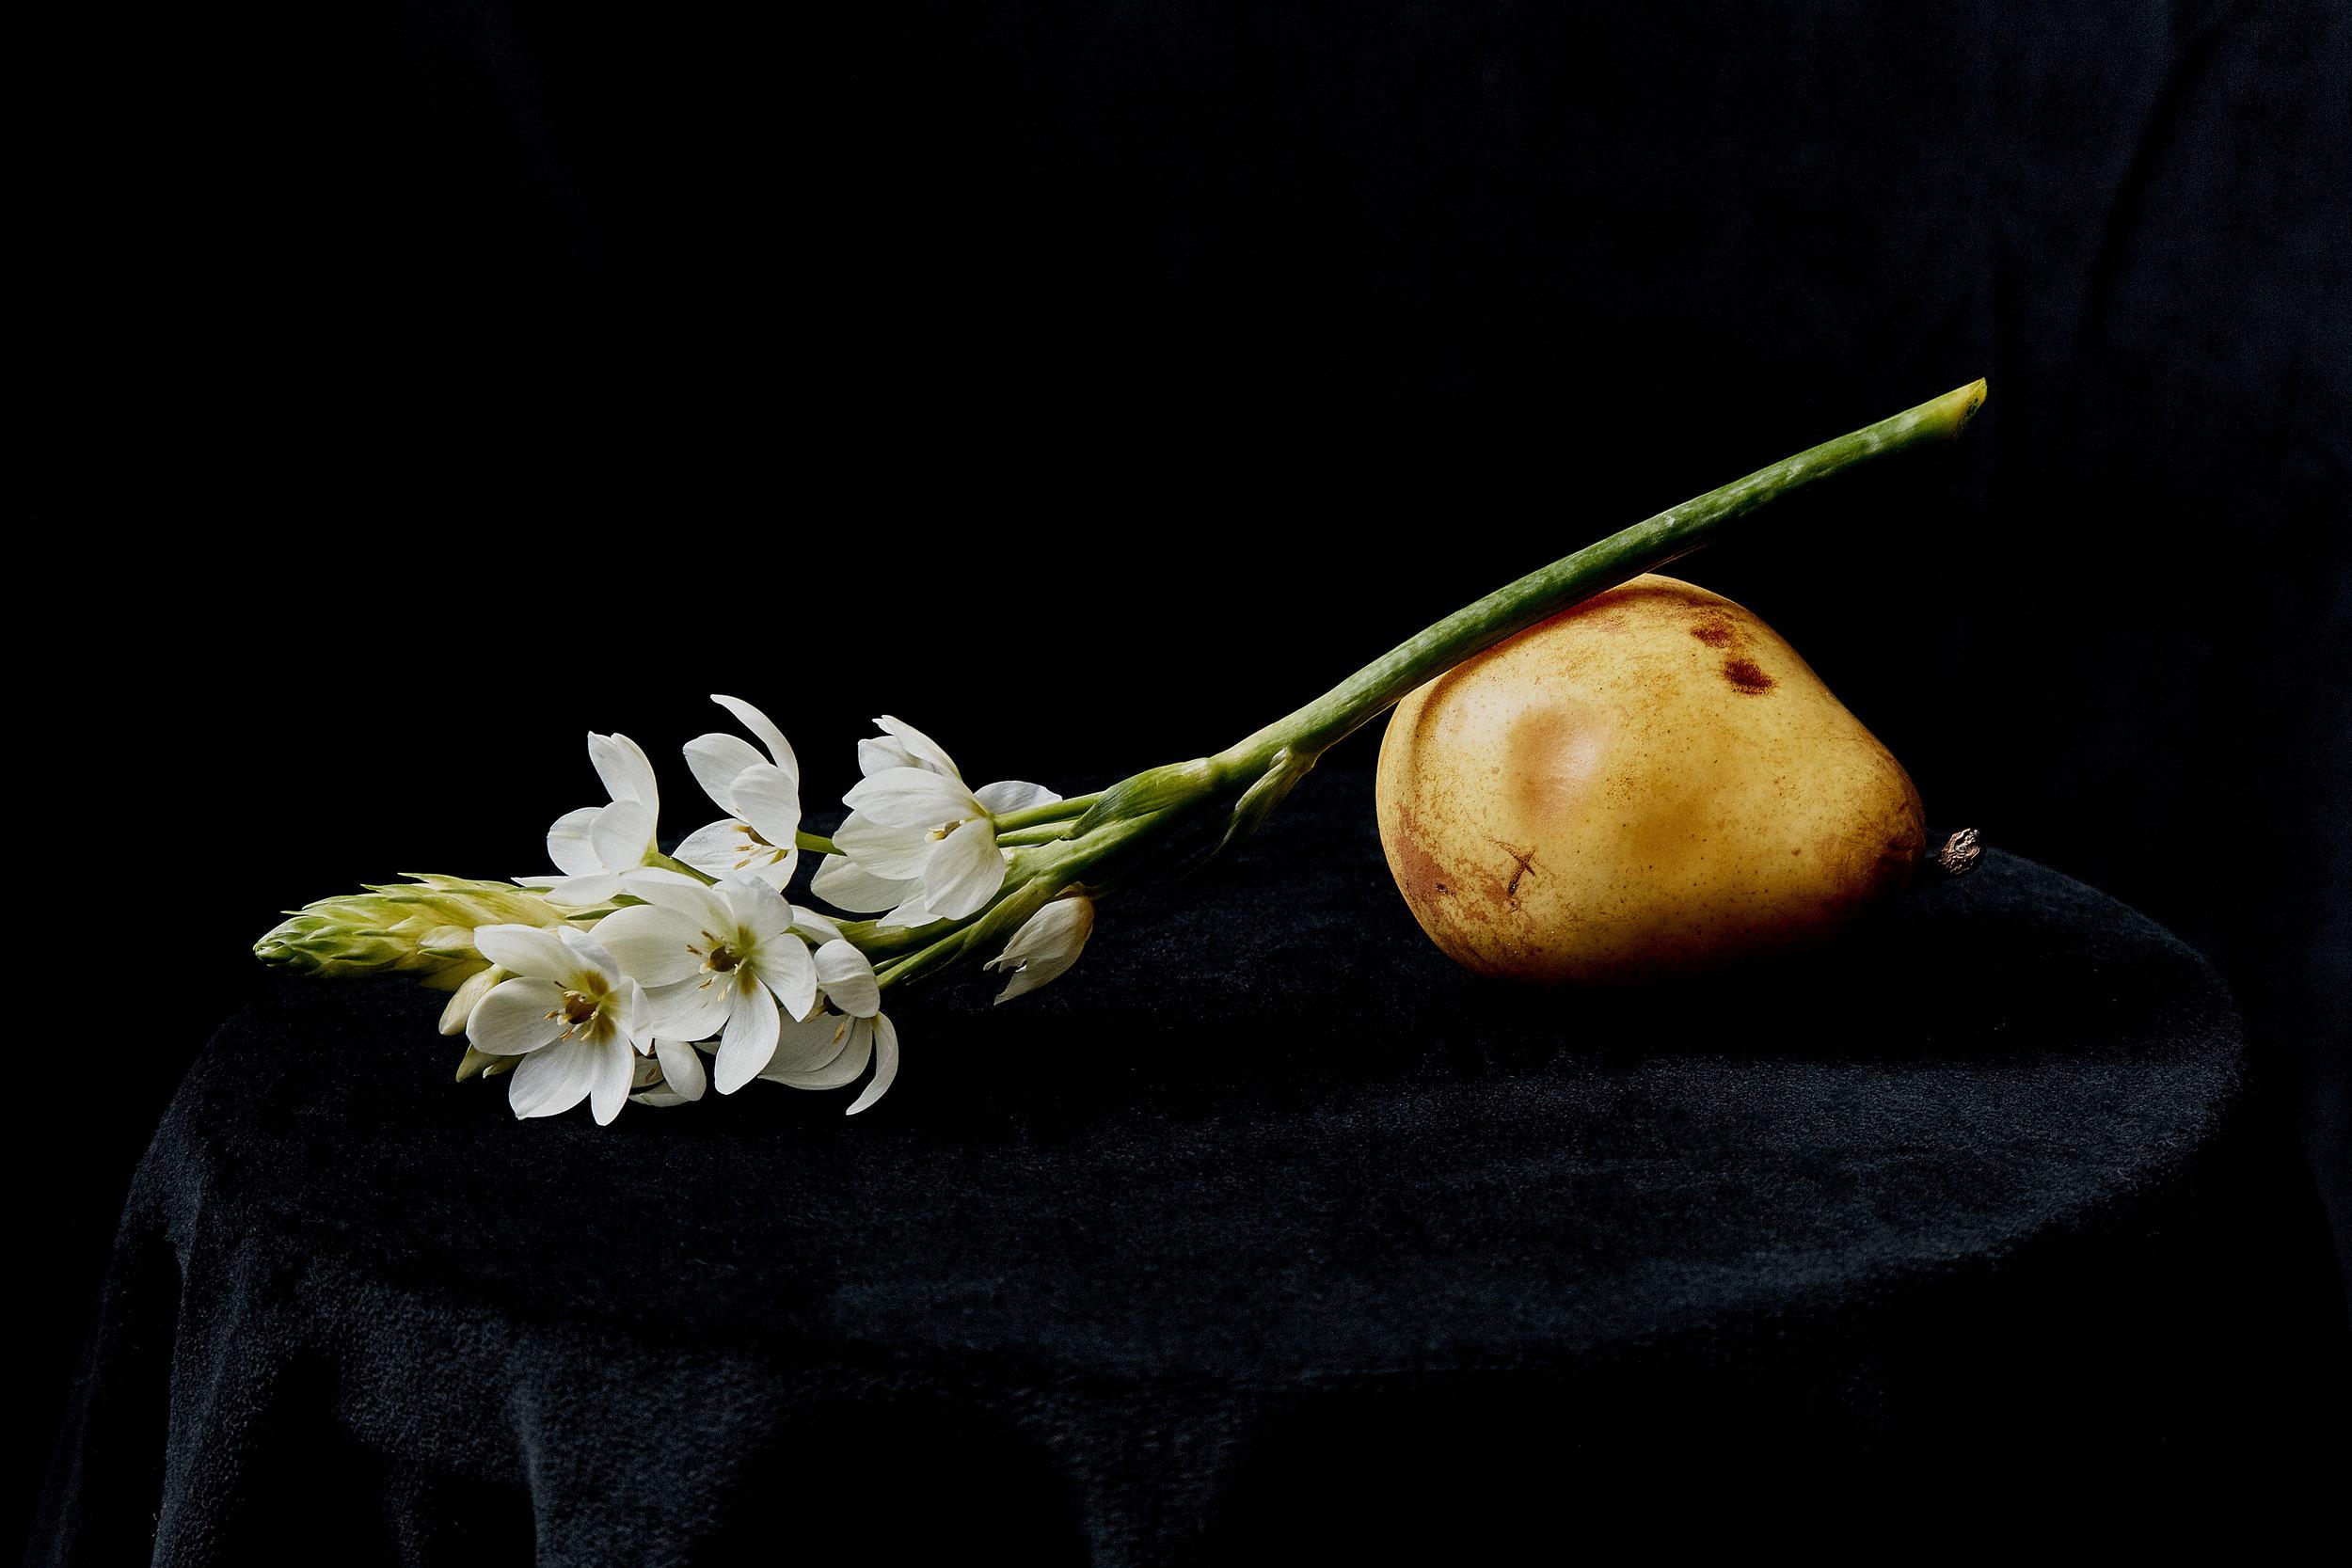 Bruised Pear and Flower by Daniel Villarreal.jpg